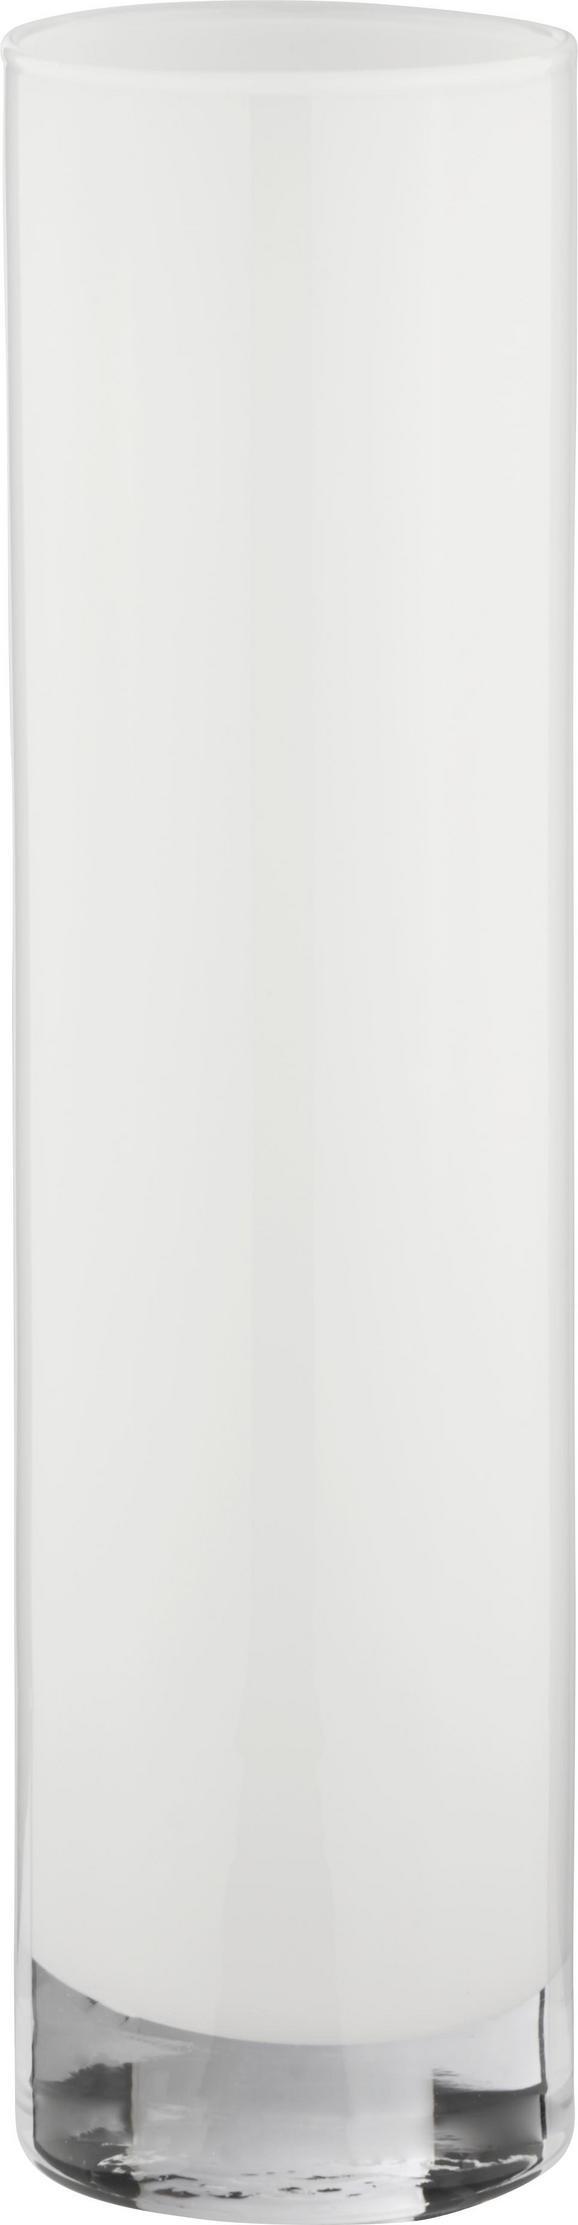 Vase Vivien II in Weiß aus Glas - Weiß, MODERN, Glas (8/30cm) - Mömax modern living